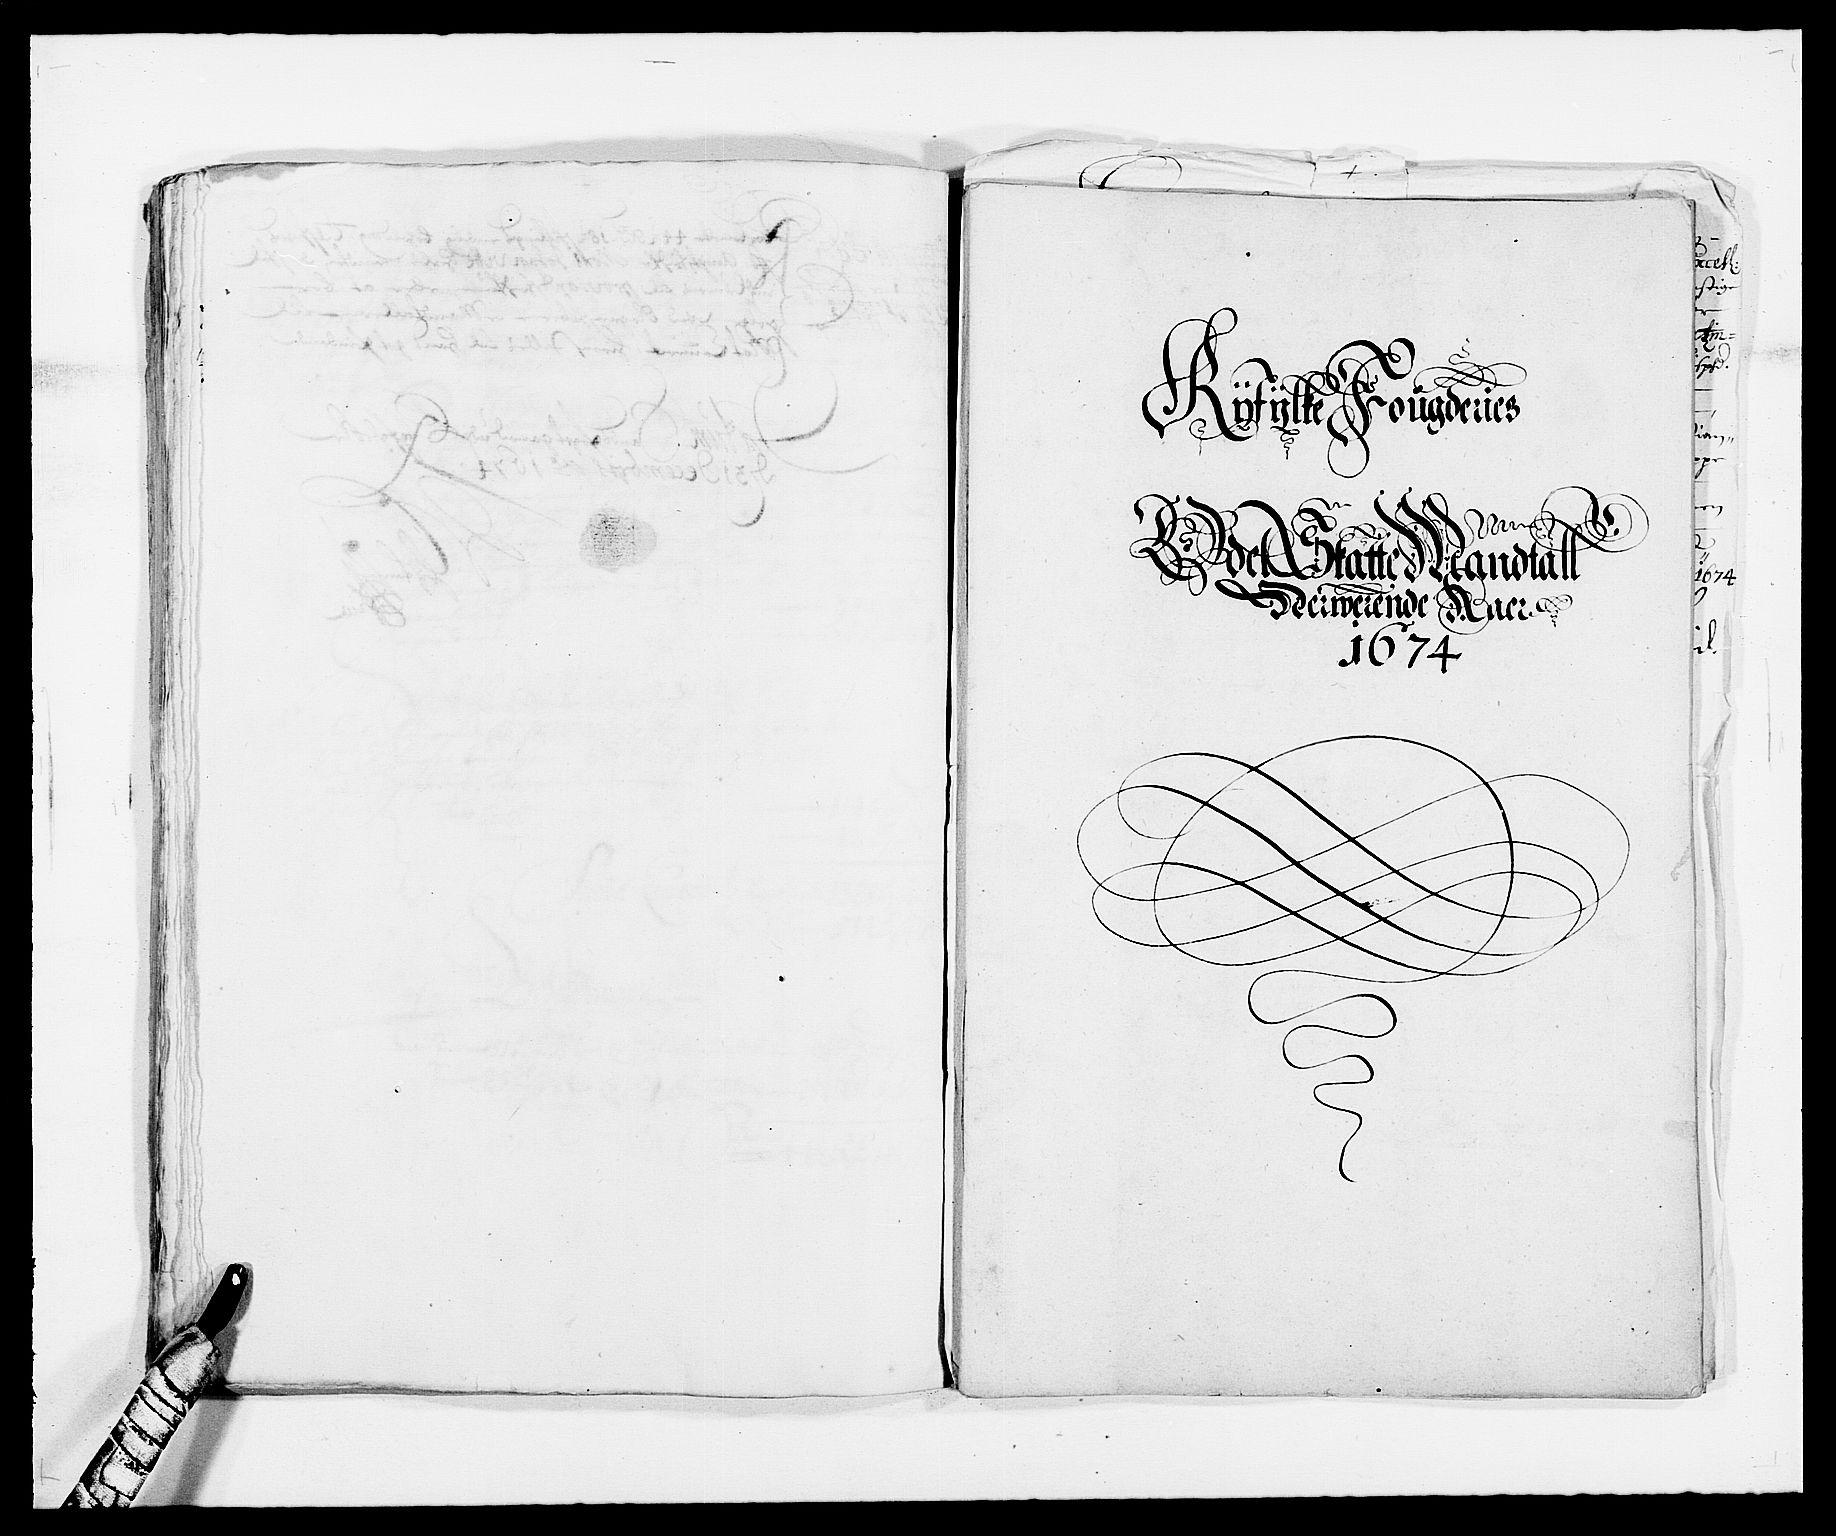 RA, Rentekammeret inntil 1814, Reviderte regnskaper, Fogderegnskap, R47/L2845: Fogderegnskap Ryfylke, 1674-1675, s. 134